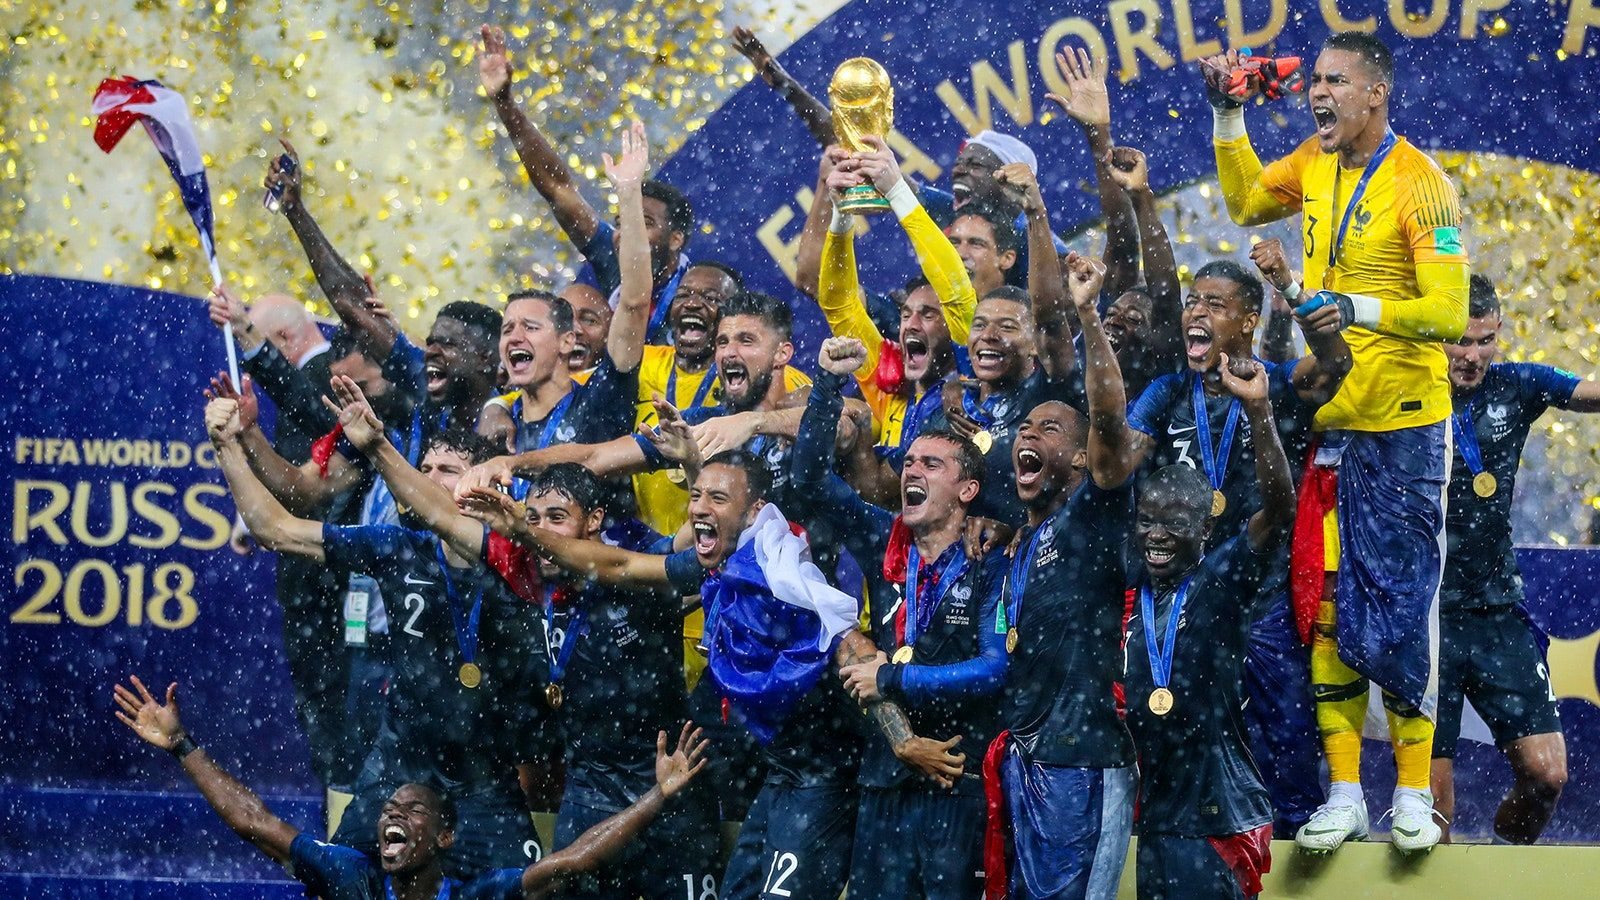 PSG un champion du monde 2018 (titulaire) pour jouer